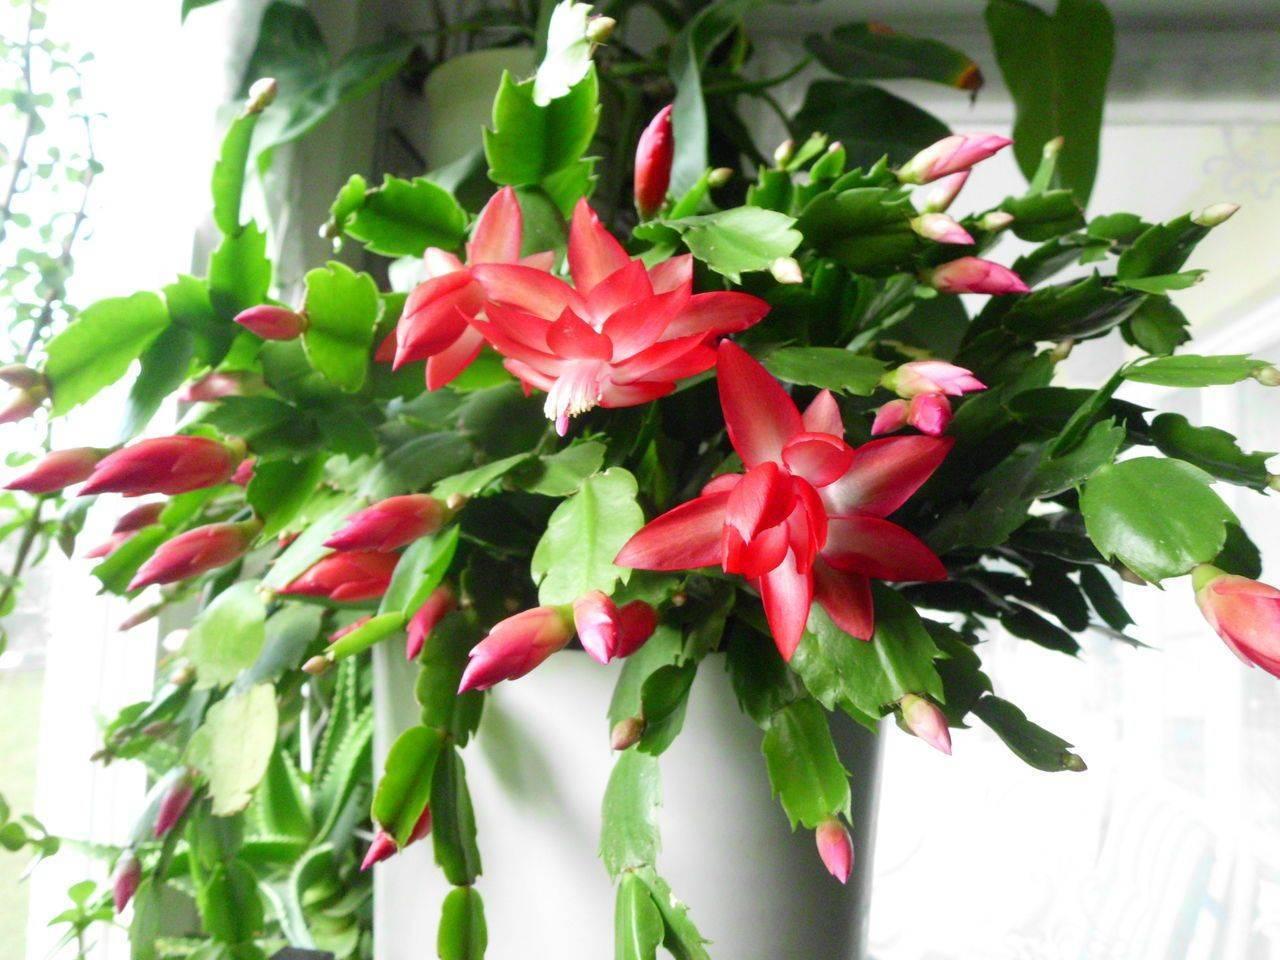 Как обрезать декабрист в домашних условиях: когда можно обламывать веточки, допустимо ли после цветения?